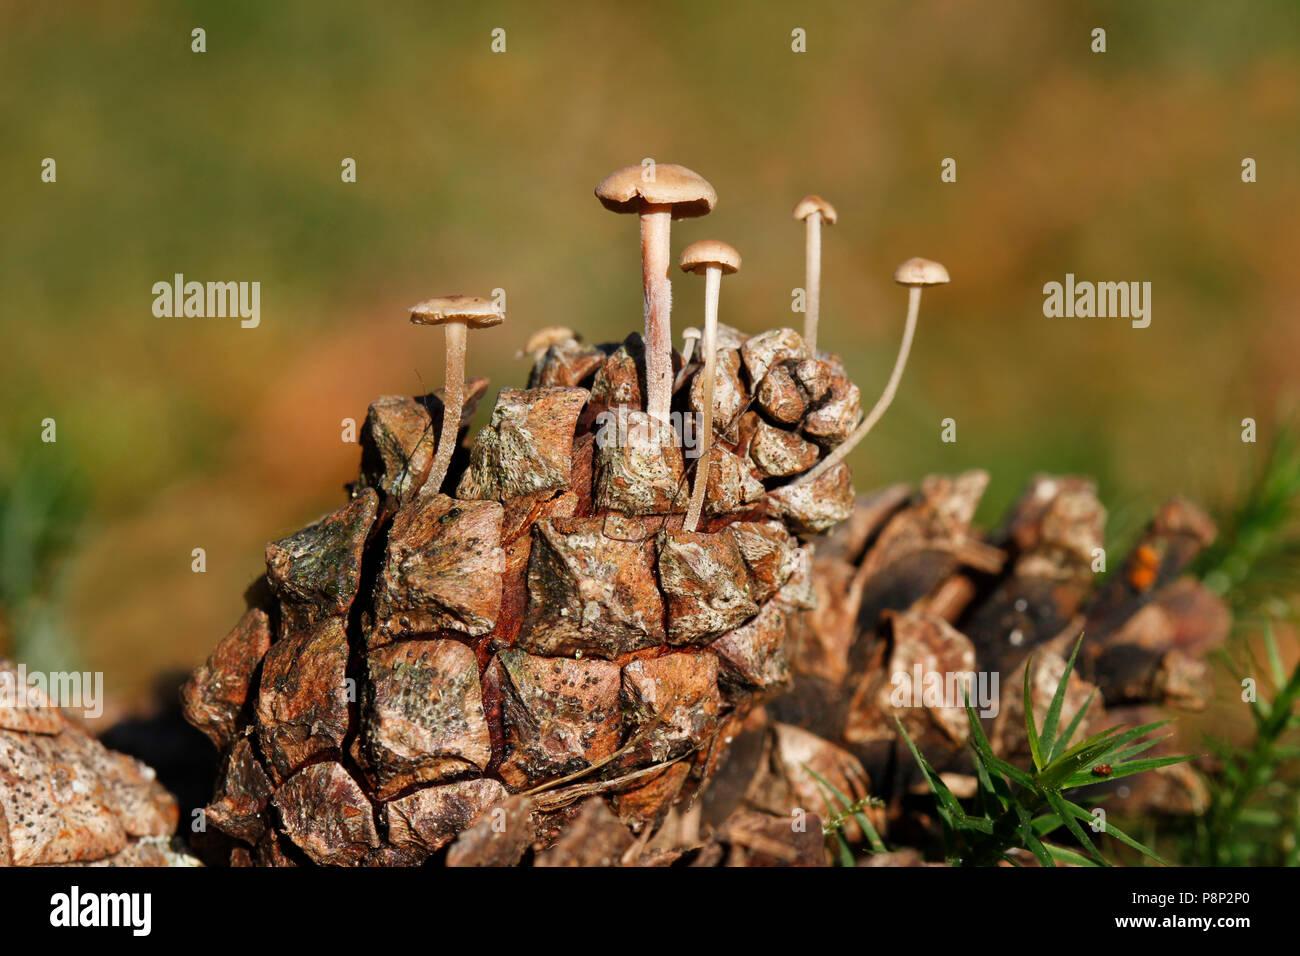 conifercone caps on a conifer cone - Stock Image